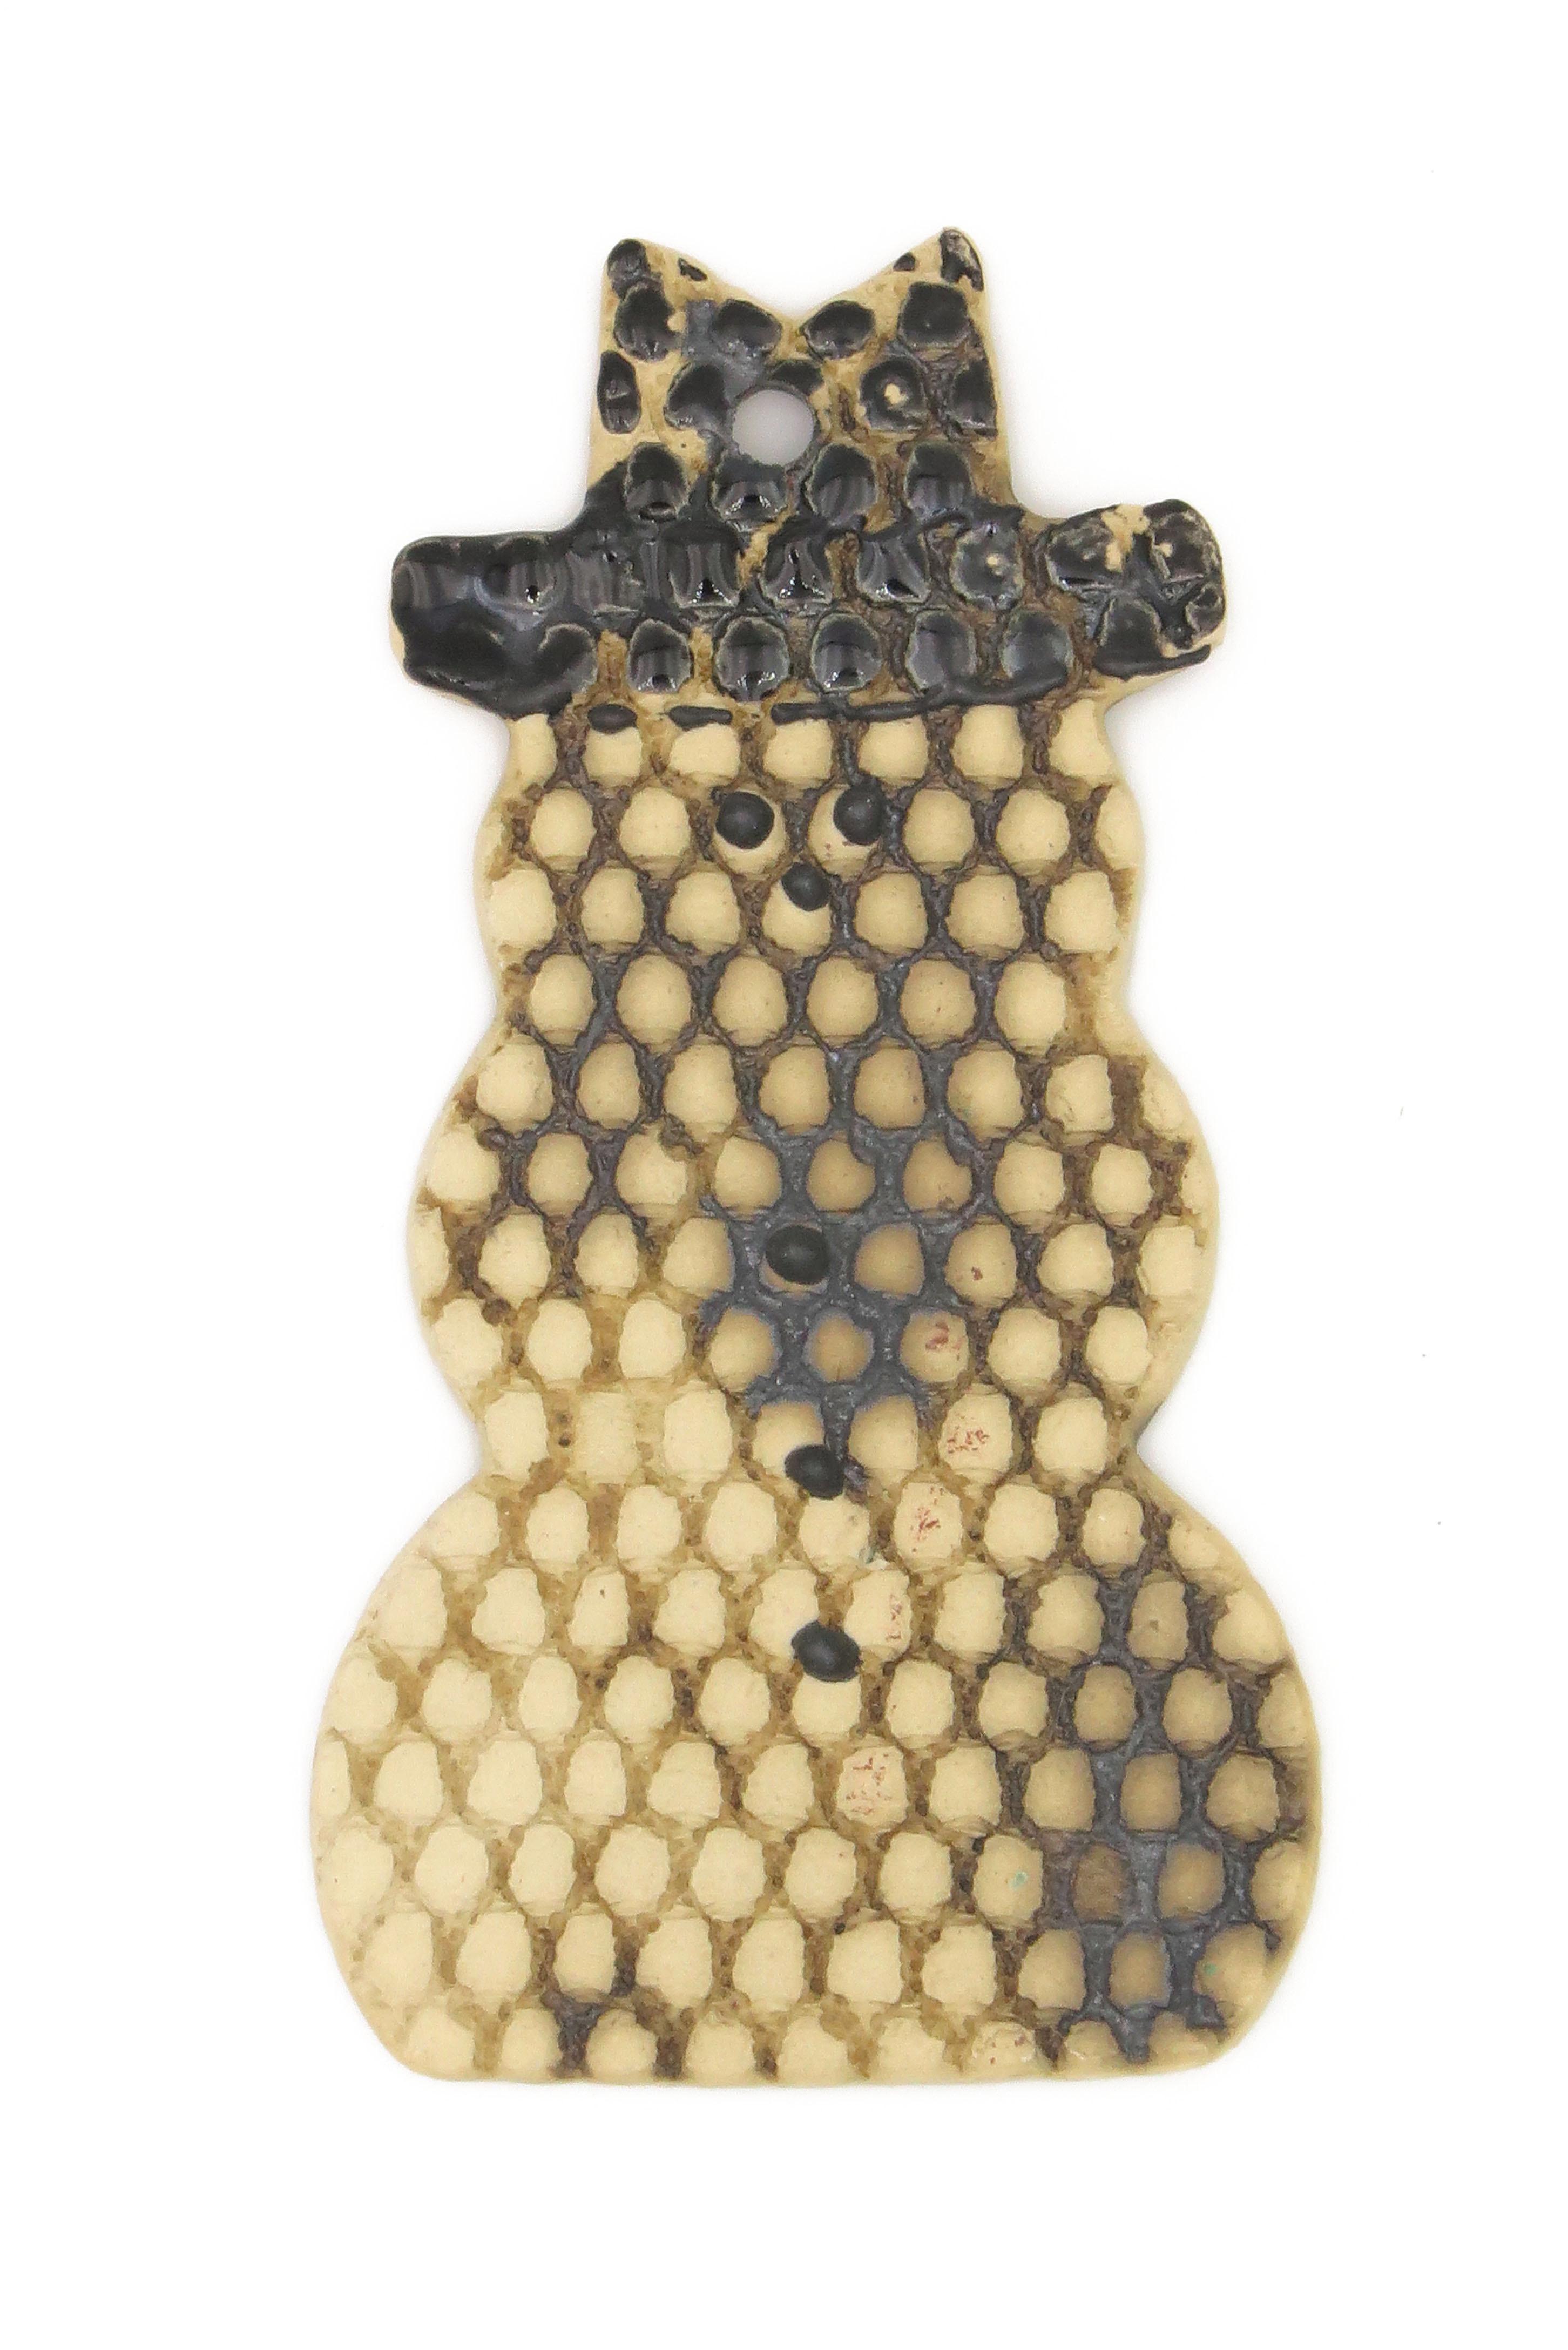 1 natürlicher Schneemann Geschenk Anhänger creme/ M 10cm